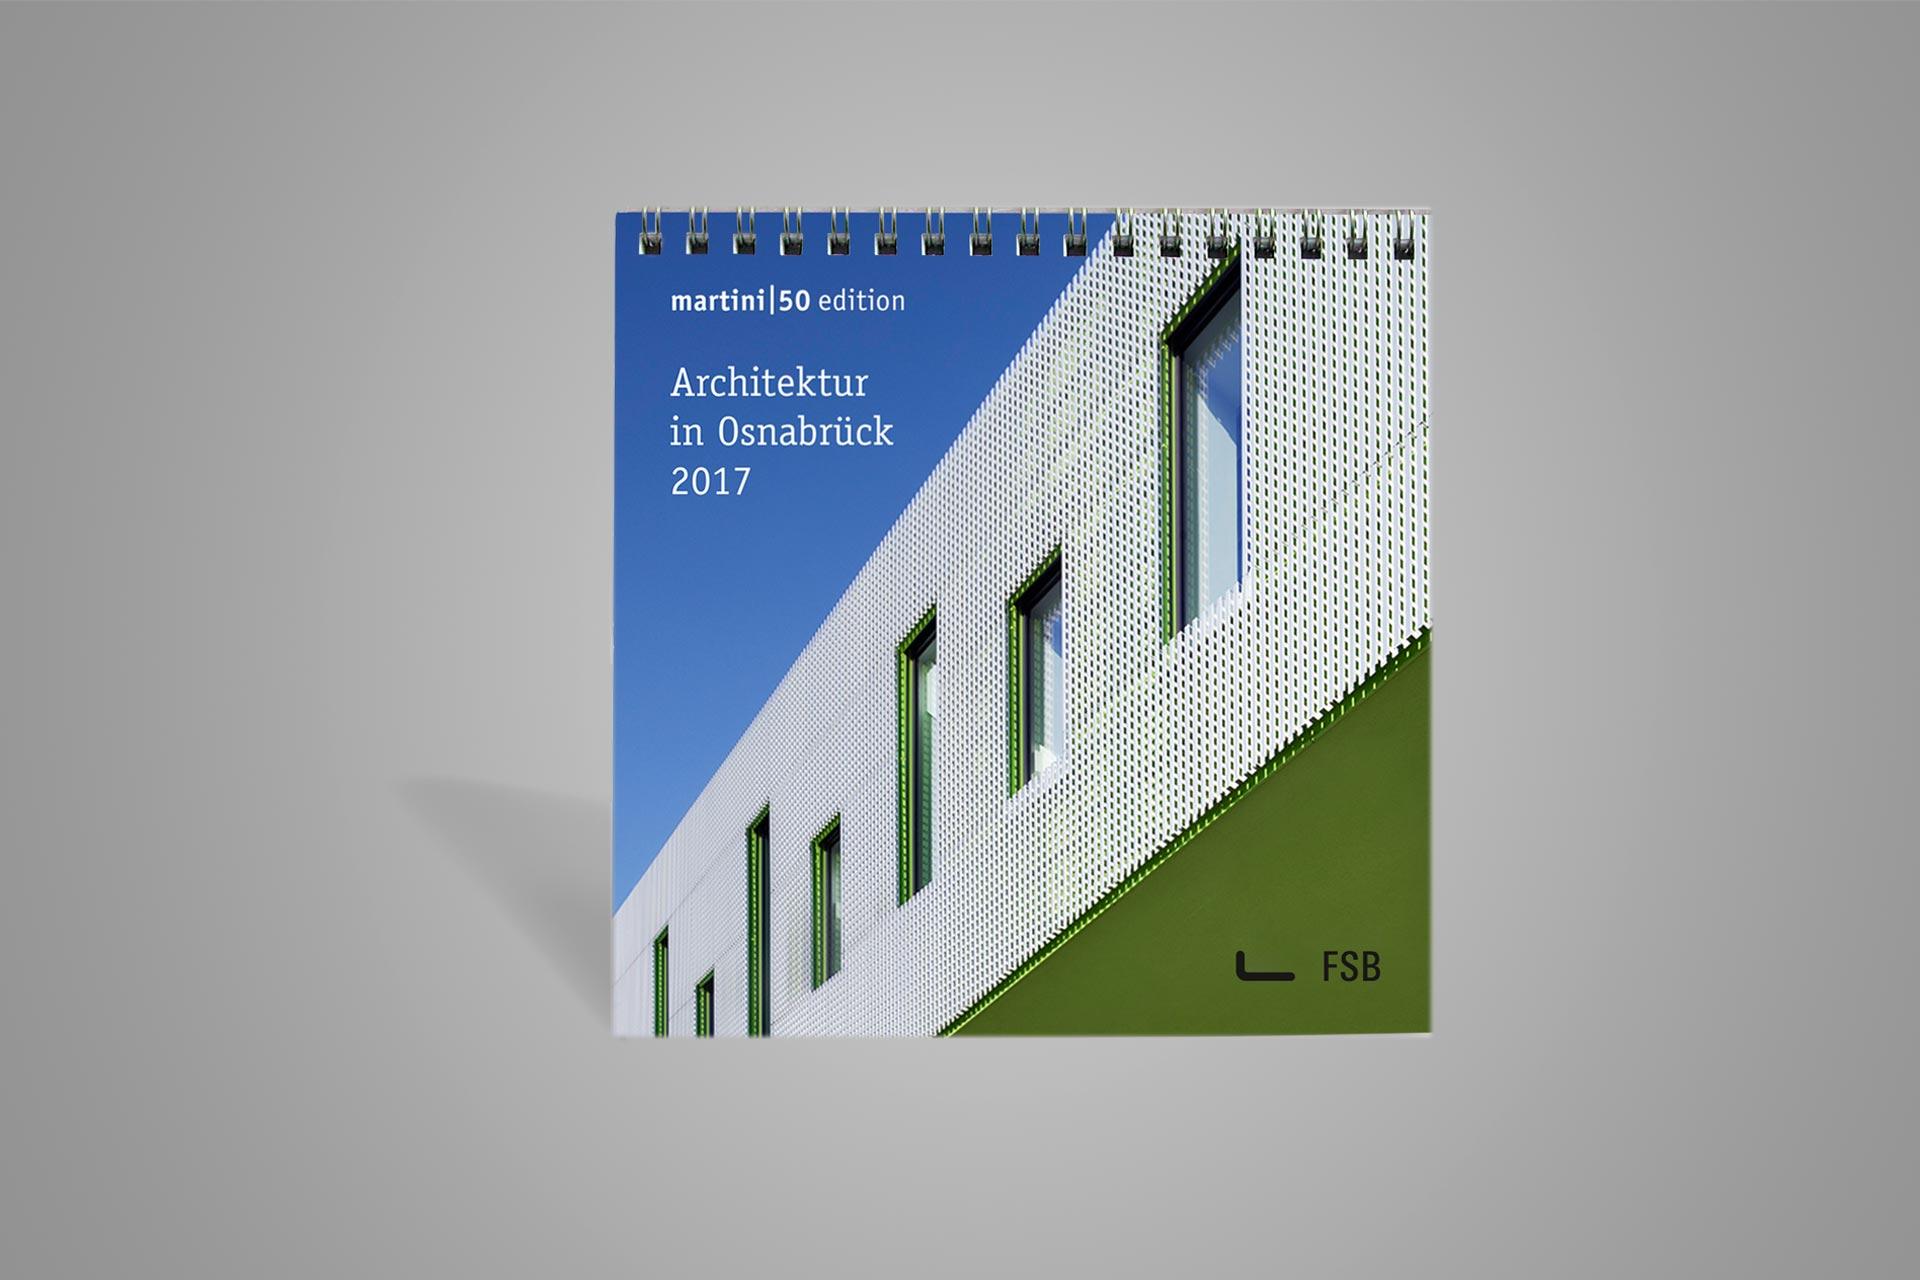 Tischkalender Architektur Osnabrück 2017